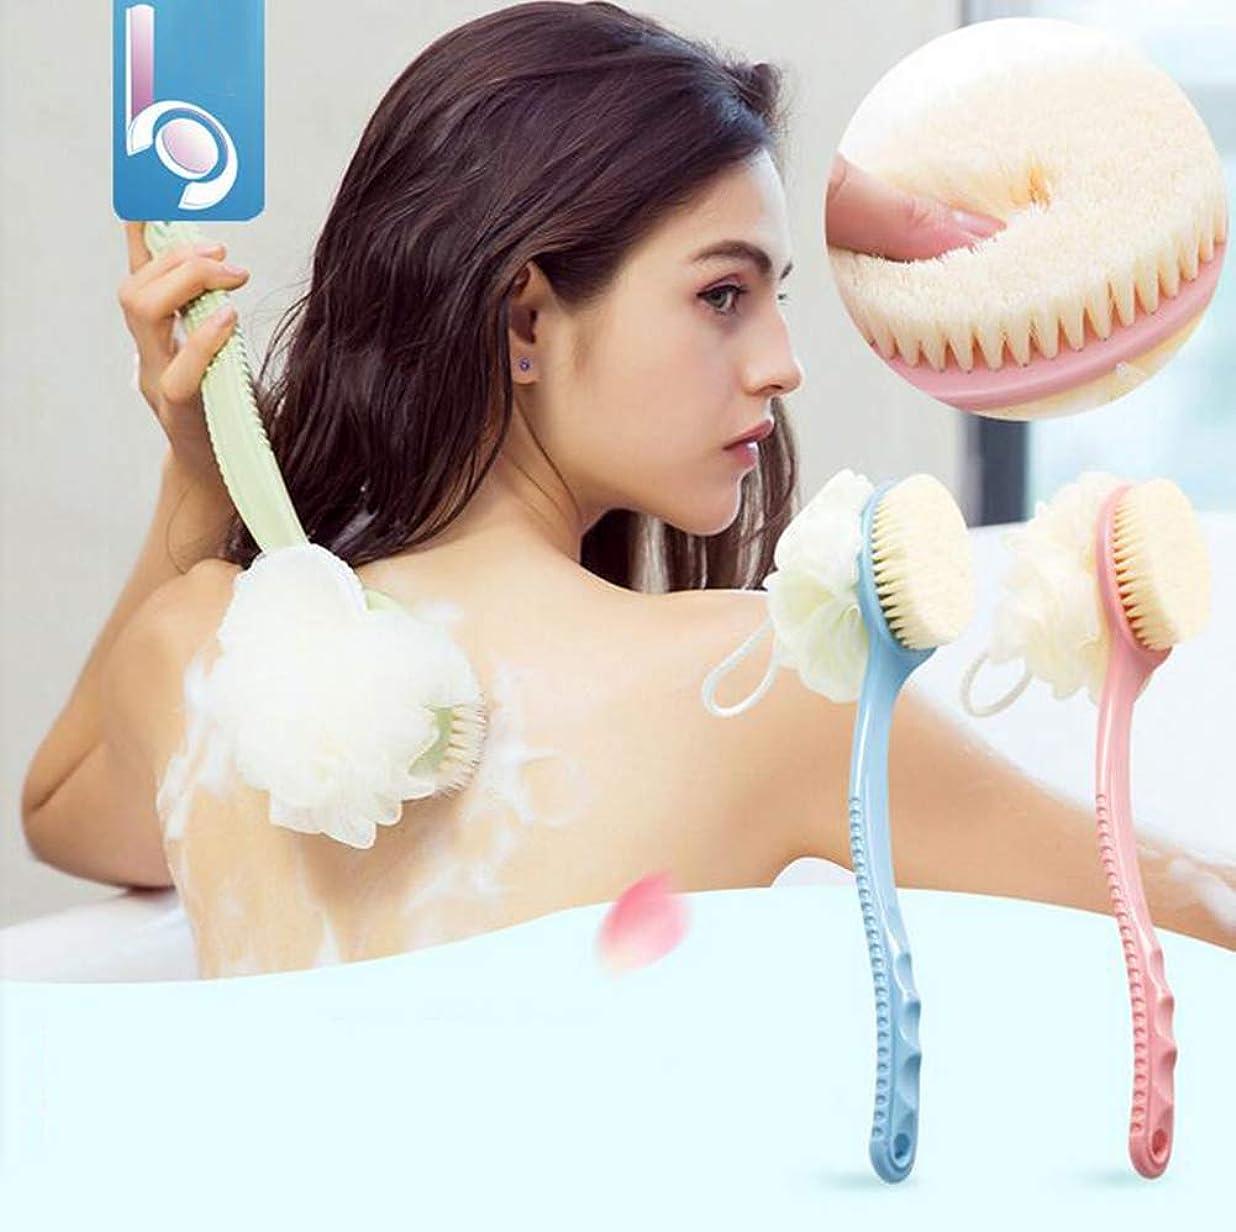 ワーカースリップシューズ迷路ロングハンドルバスブラシ、ソフトファーバスタオル入浴バックセルライトスクラブのための入浴アーティファクト,Pink